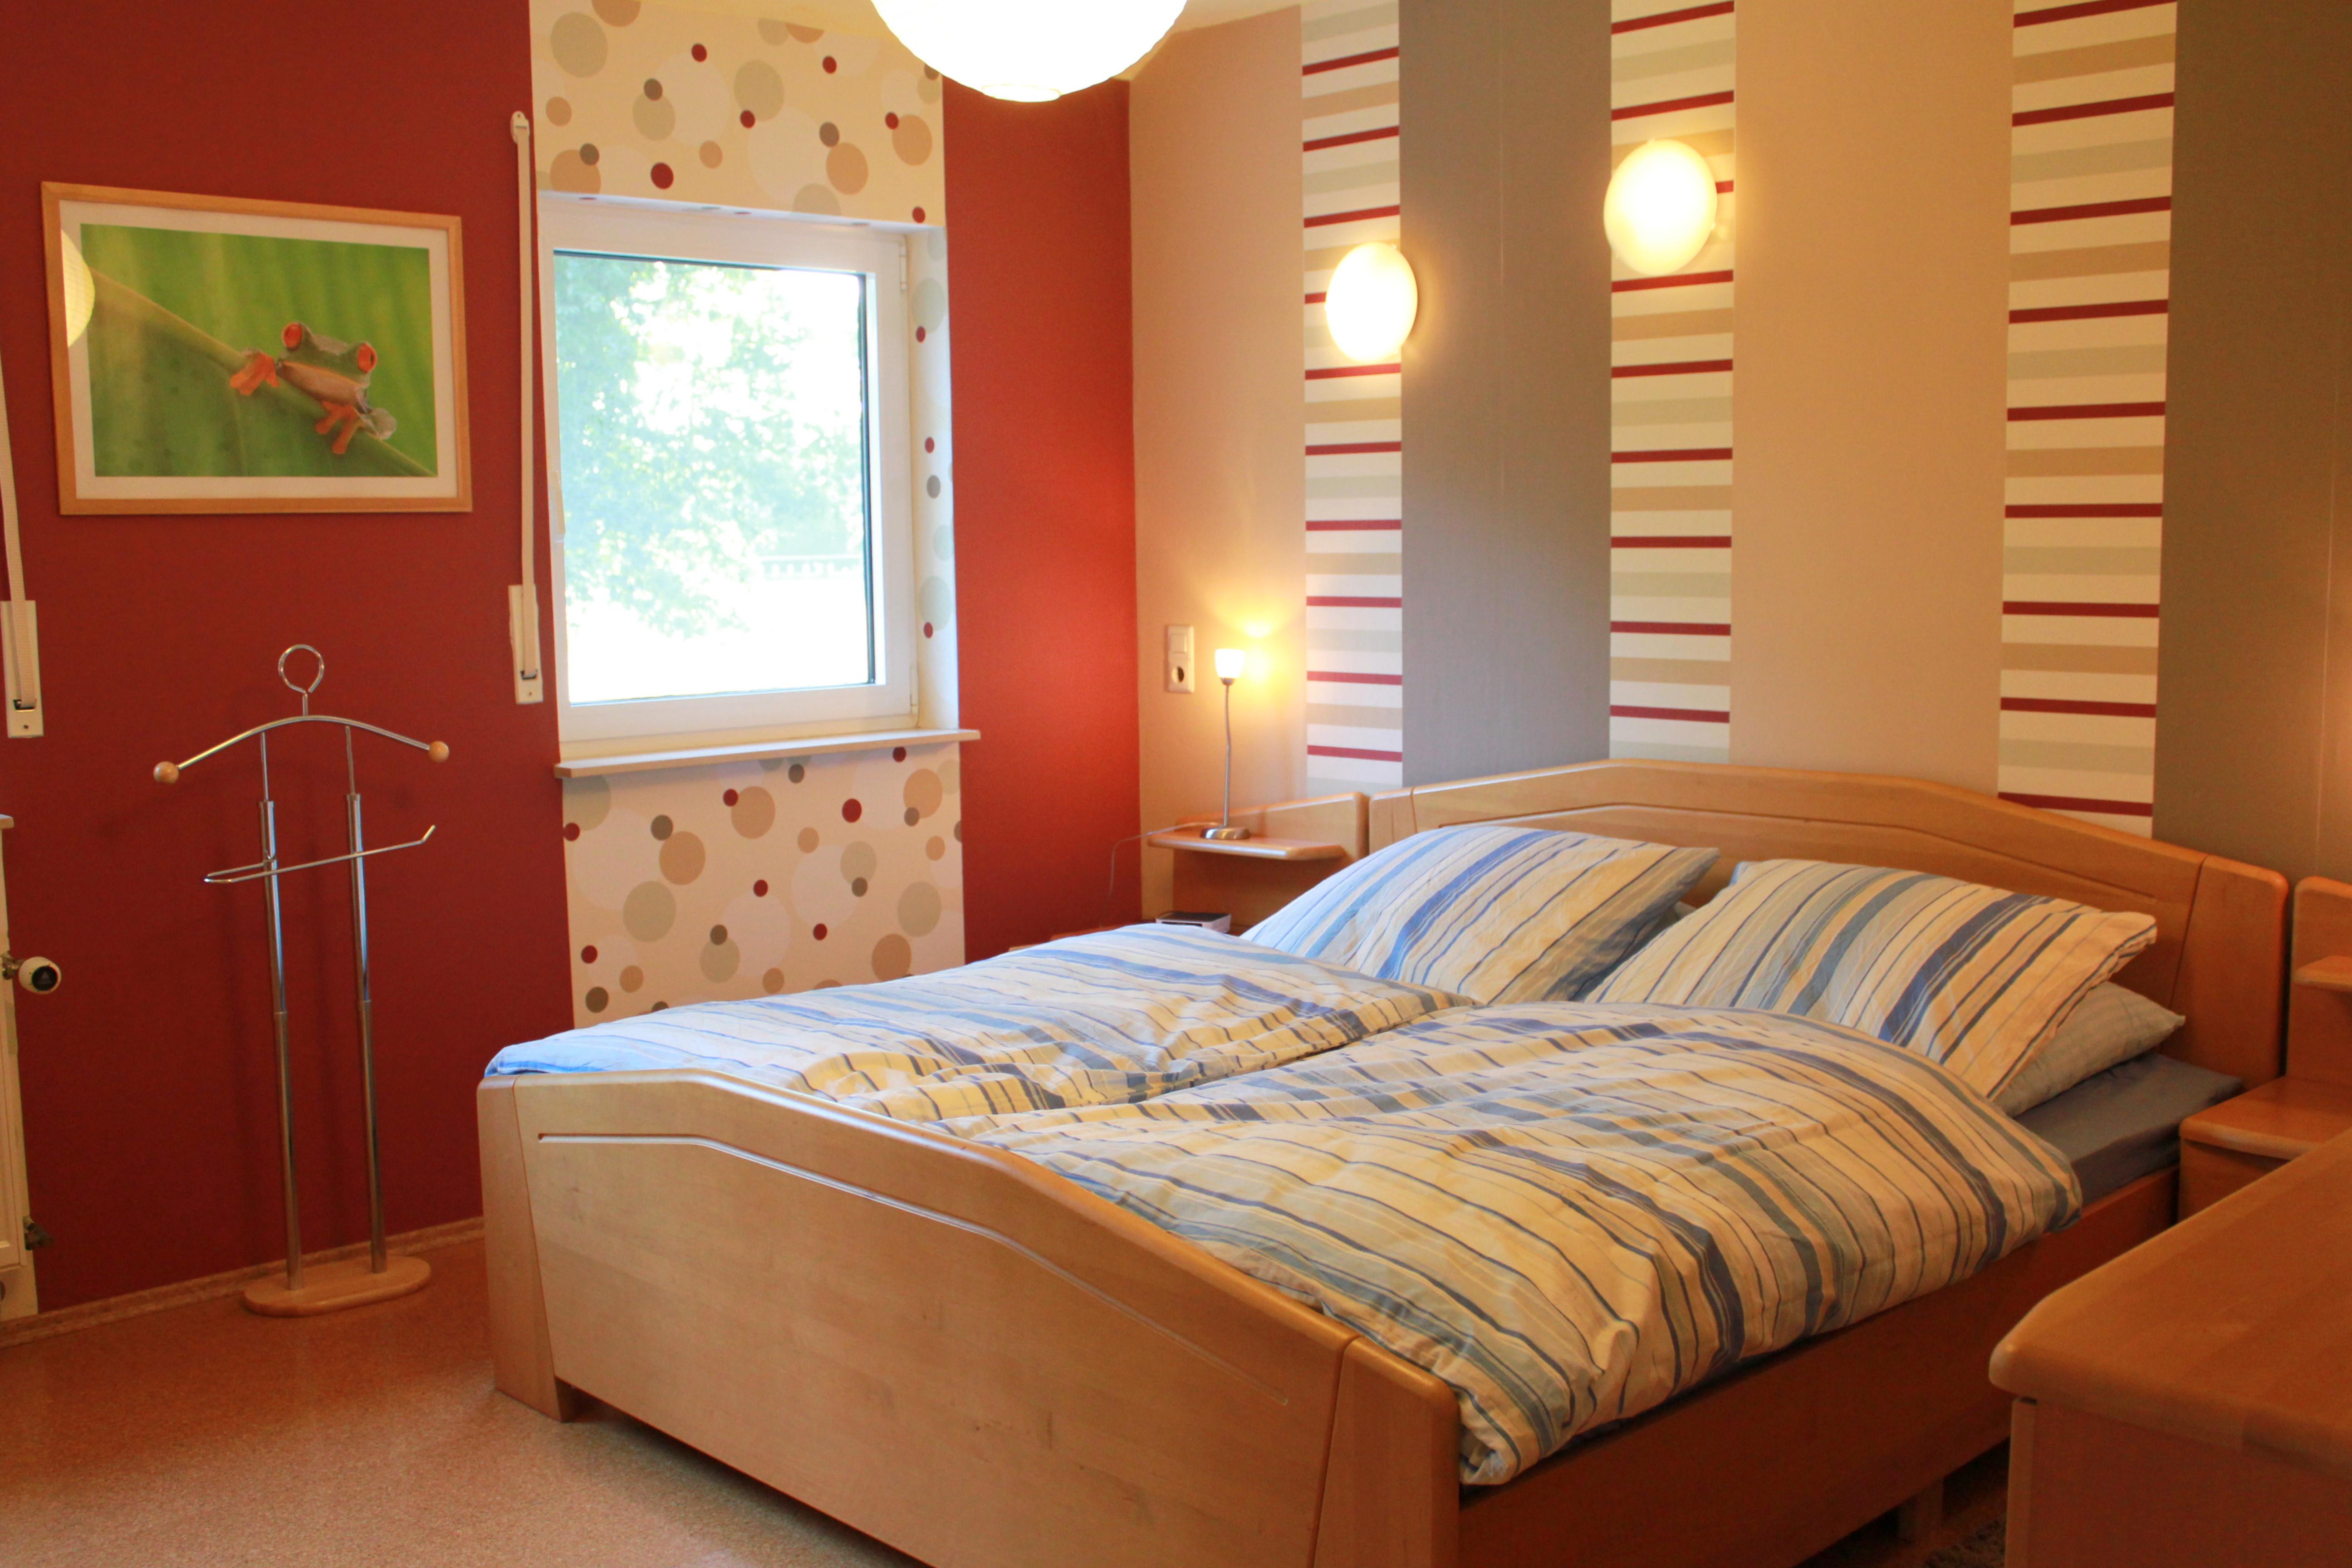 Schlafzimmer | Doppelbett